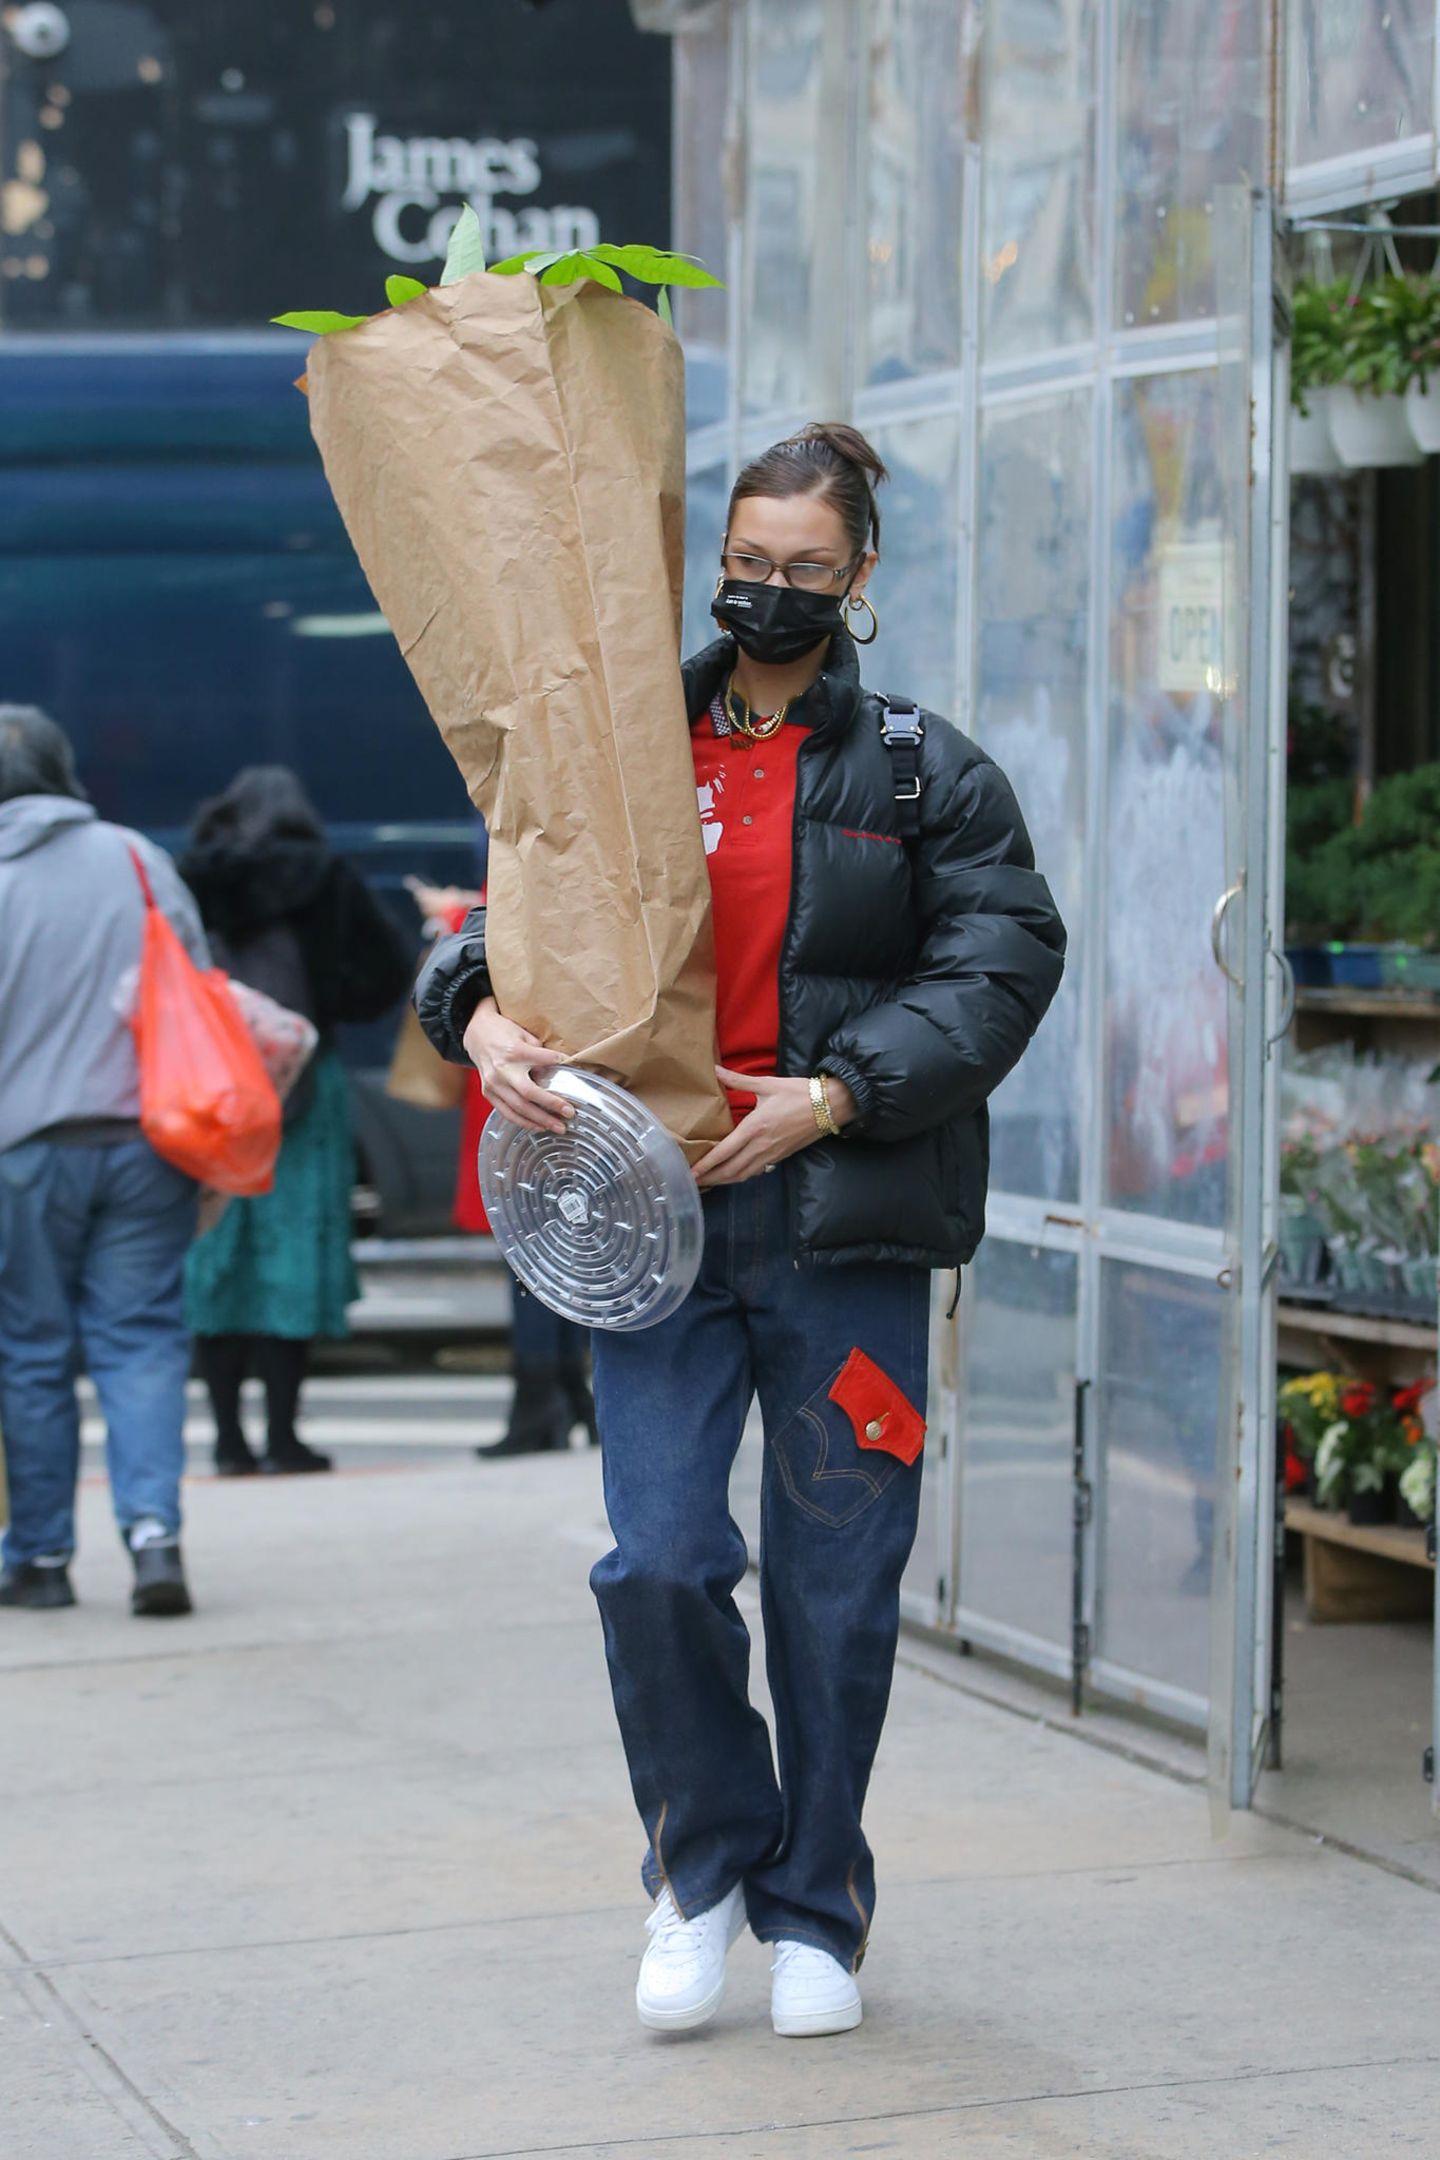 Puh, da muss Bella Hadid aber ganz schön schleppen! Tüte wir Tüte trägt das Model aus einem Laden im New Yorker Stadtteil Chinatown zu ihrem Auto. Was sich darin verbirgt?